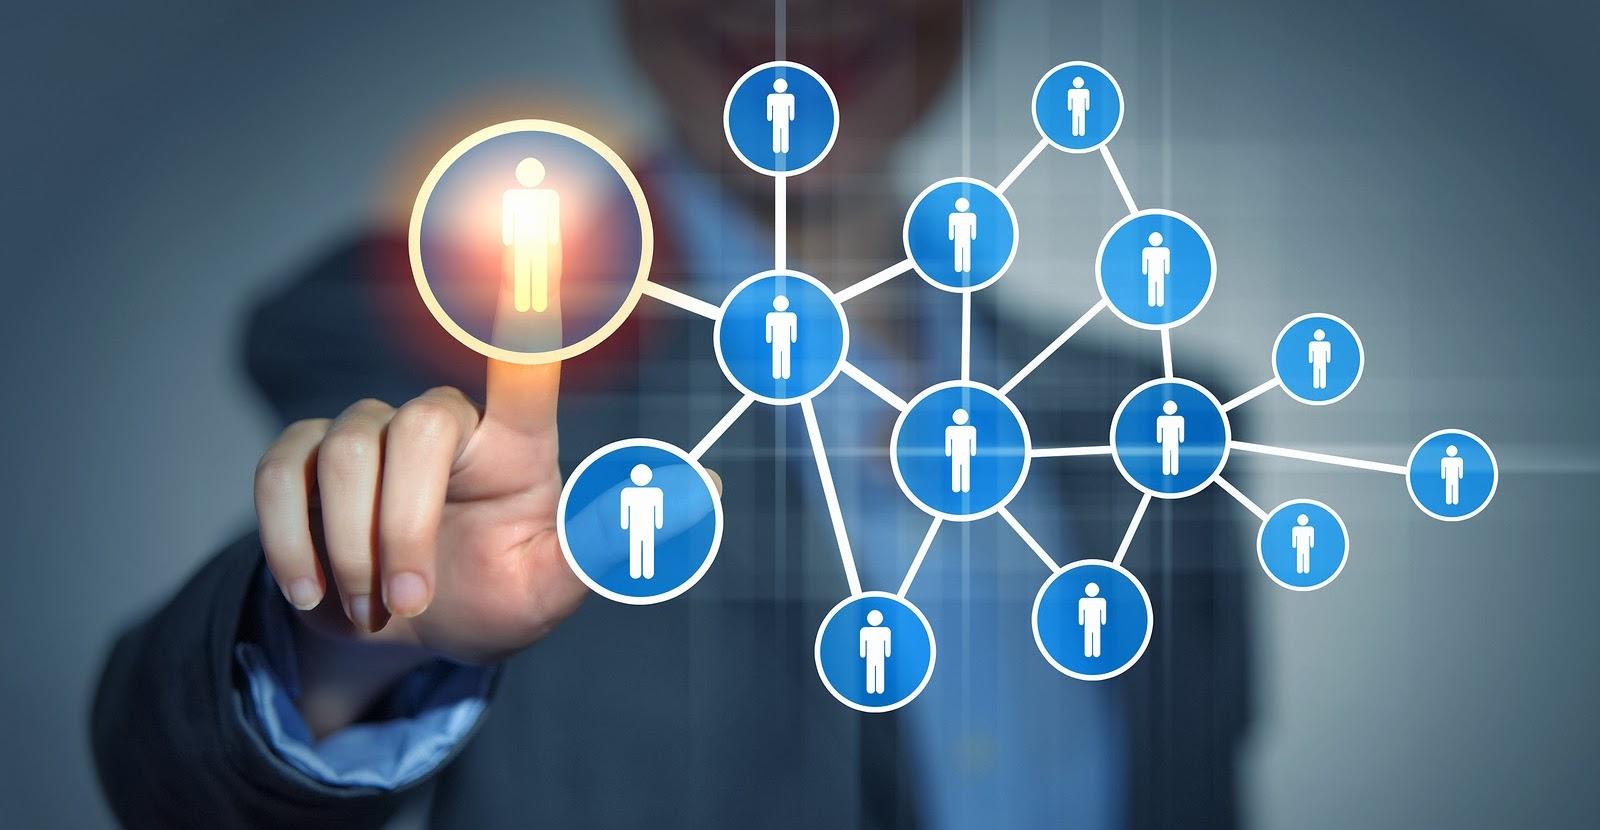 Ανθρωποκεντρική Επιχειρηματικότητα: Ένας νέος τρόπος επιχειρείν